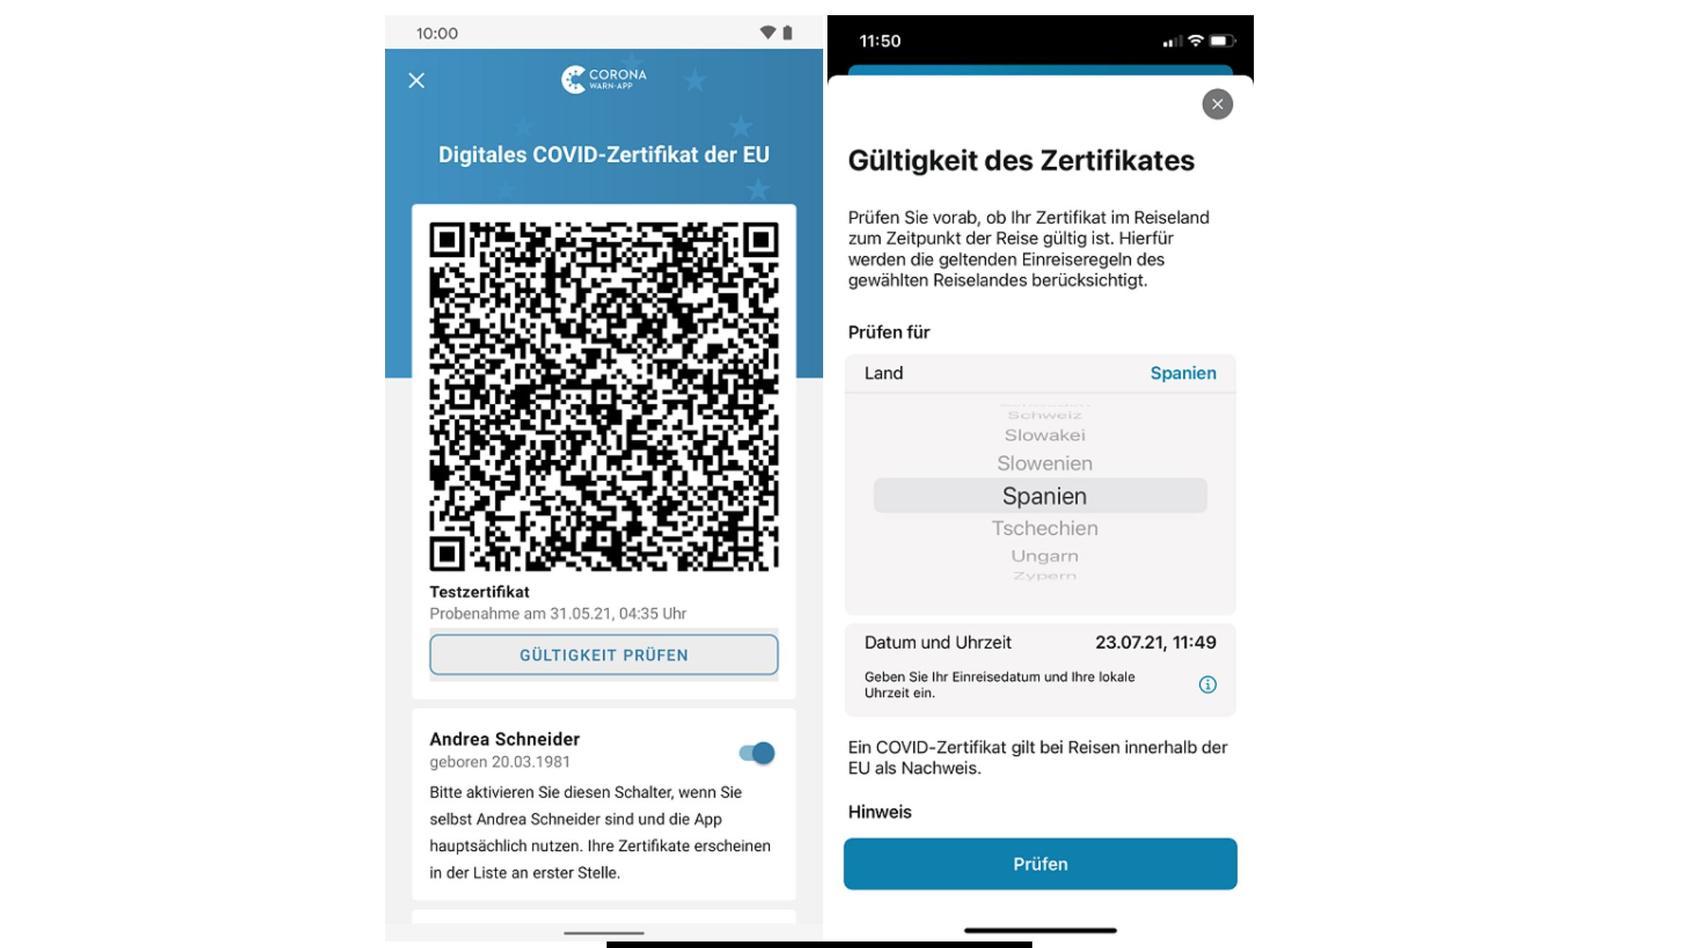 Die Version 2.6 der Corona-Warn-App bietet eine Zertifikatsprüfung für Reisen.